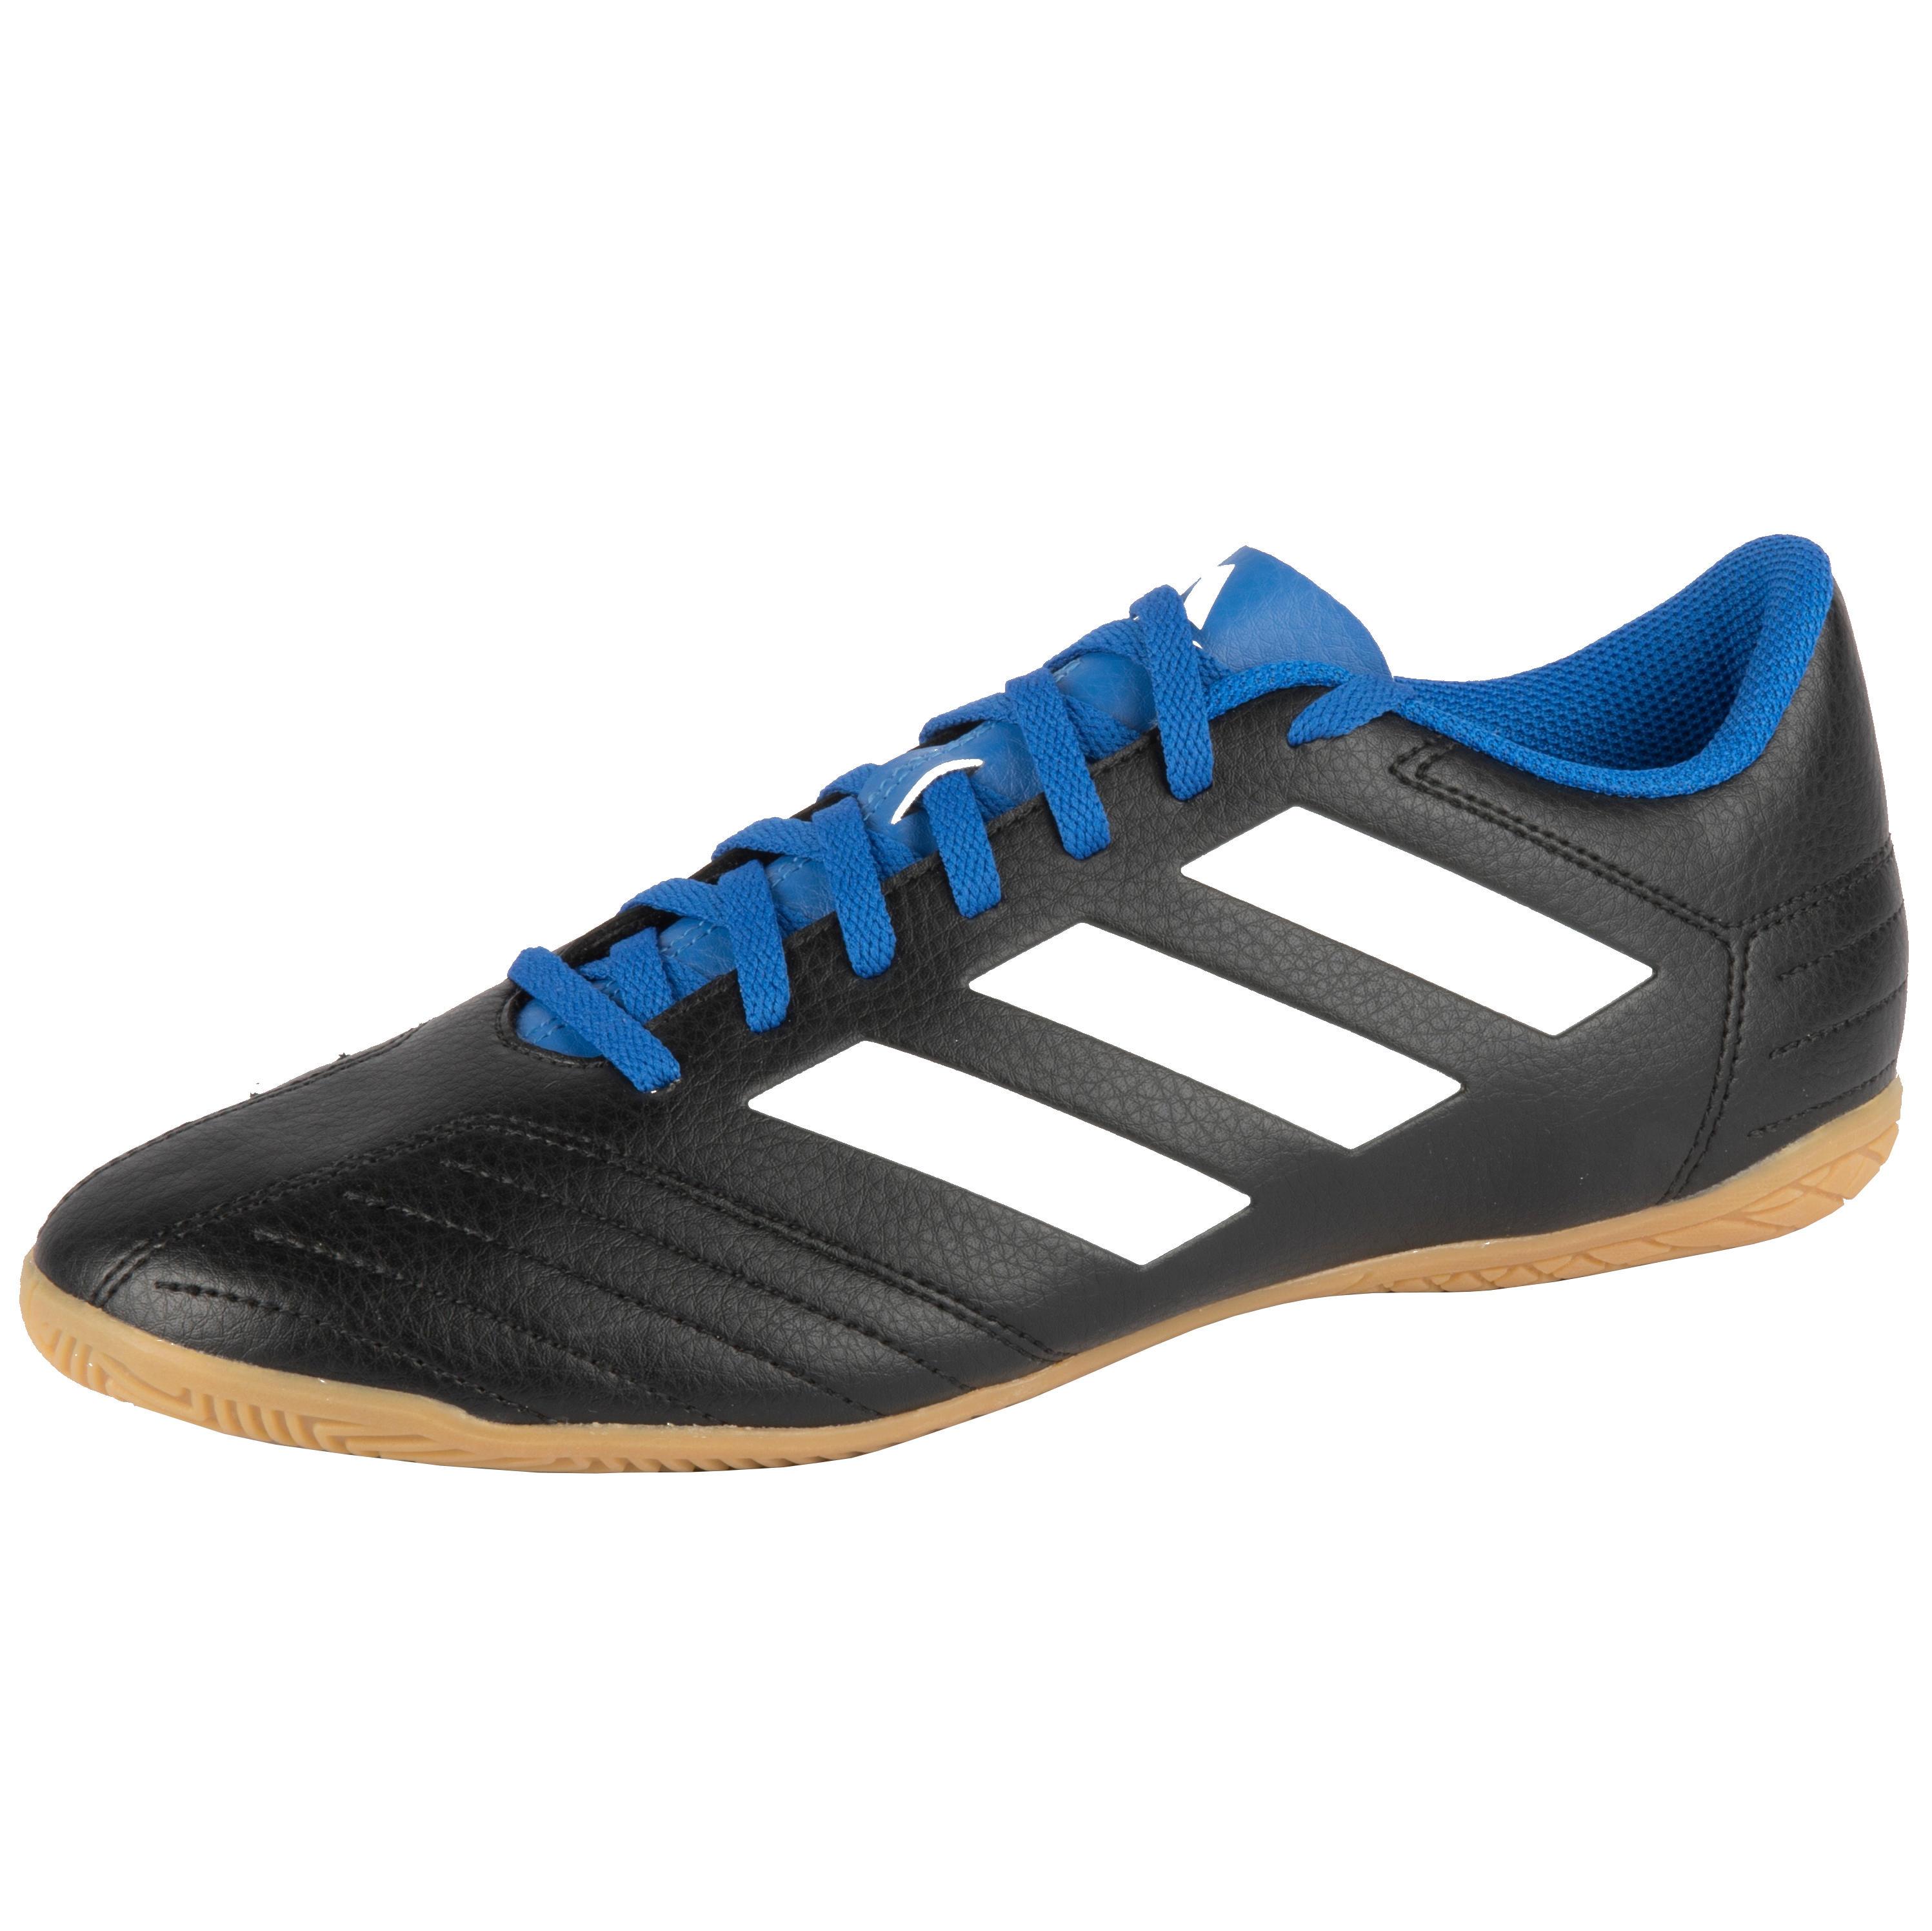 Zaalvoetbalschoenen Sombraro 17 voor volwassenen zwart